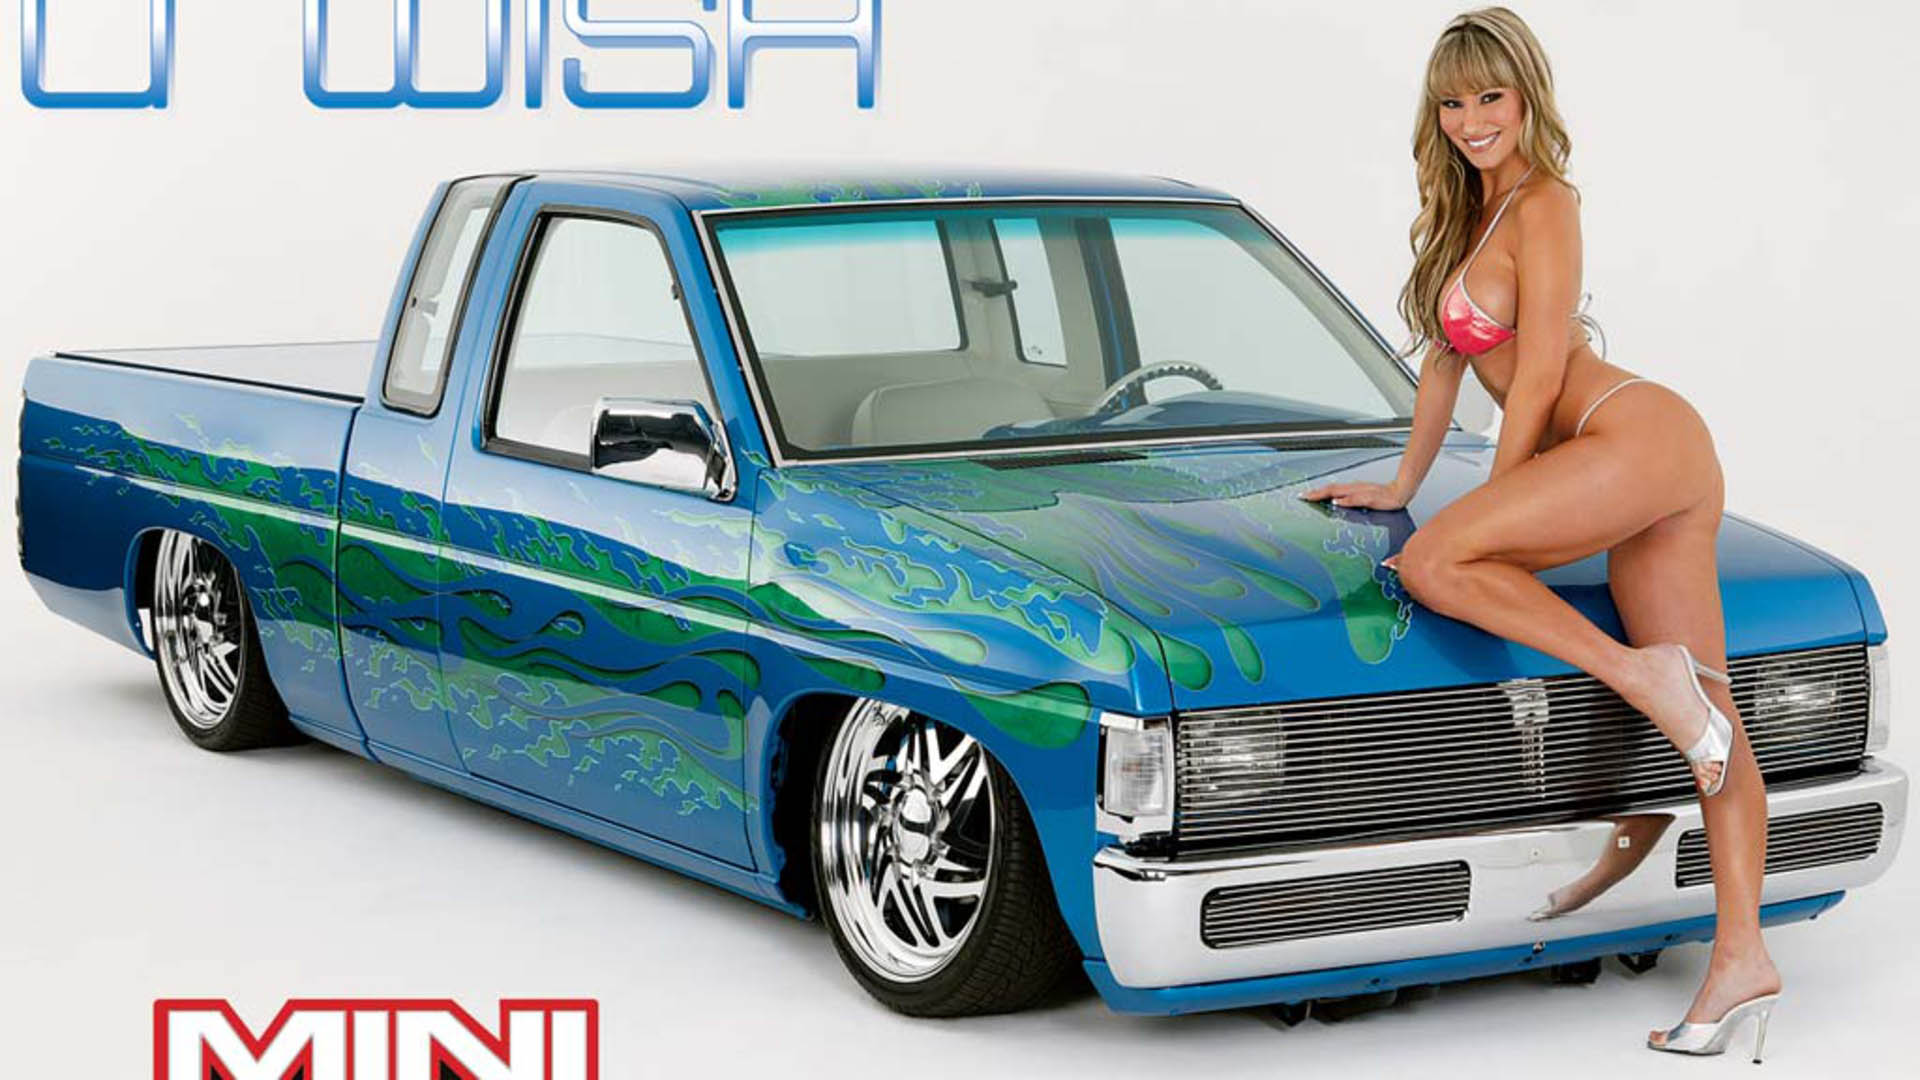 Cars N Super Models Wallpaper 12   SA Wallpapers 1920x1080